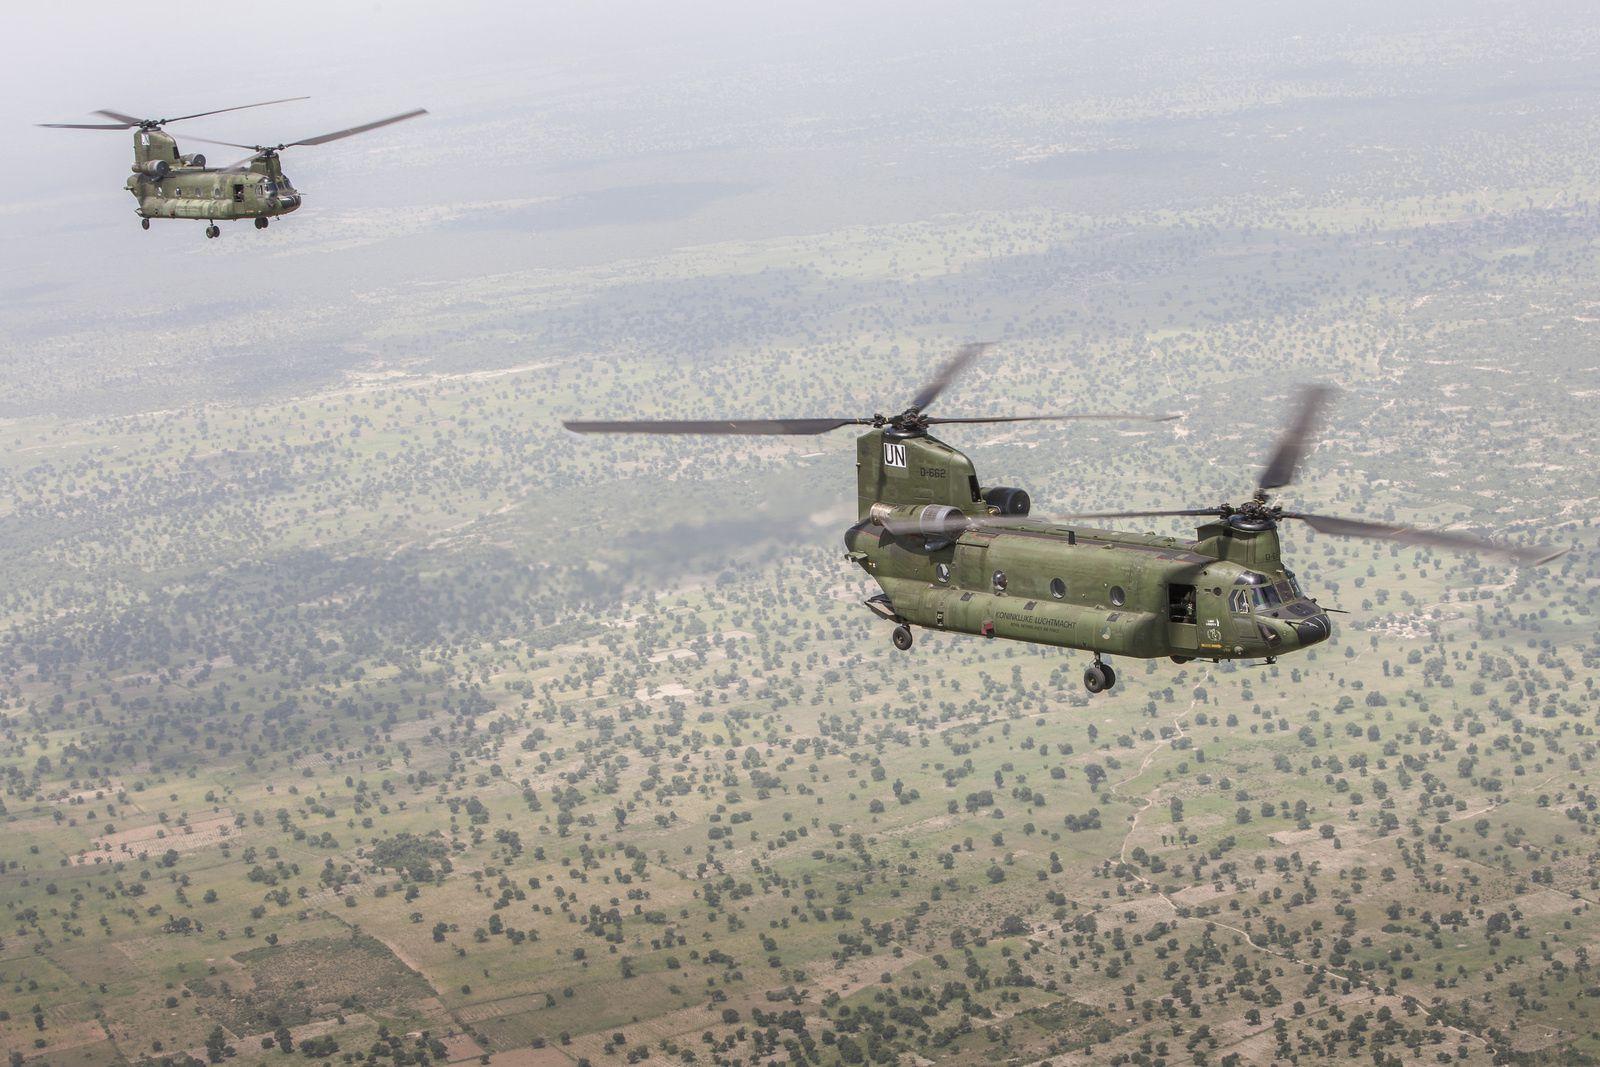 Les Pays-Bas vont retirer du Mali les AH-64D Apache et CH-47 Chinook